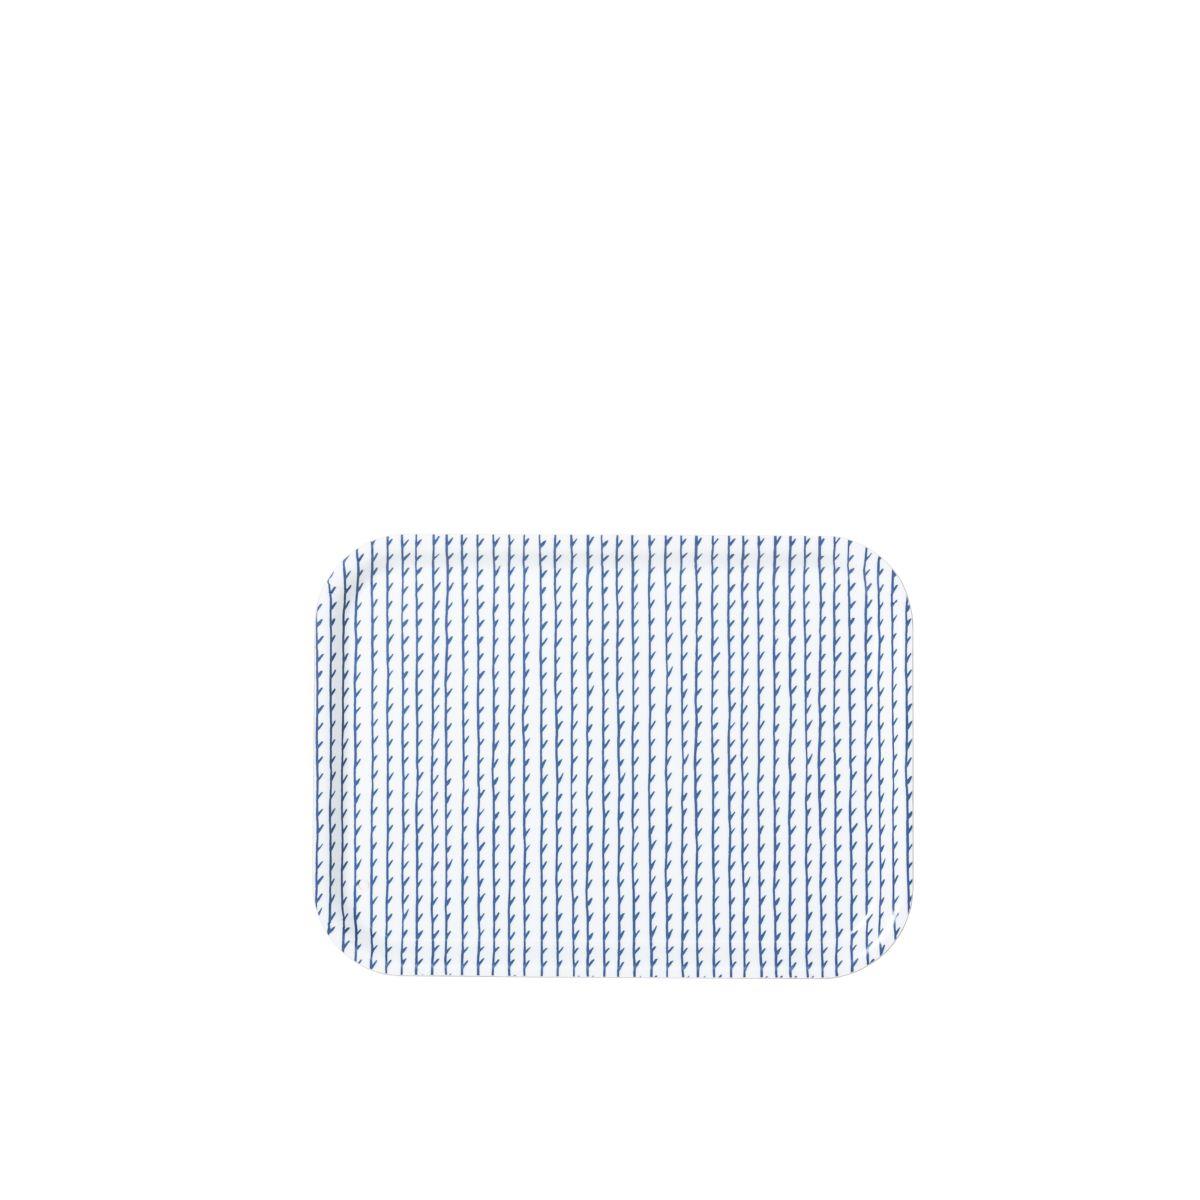 Rivi Tray white / blue small